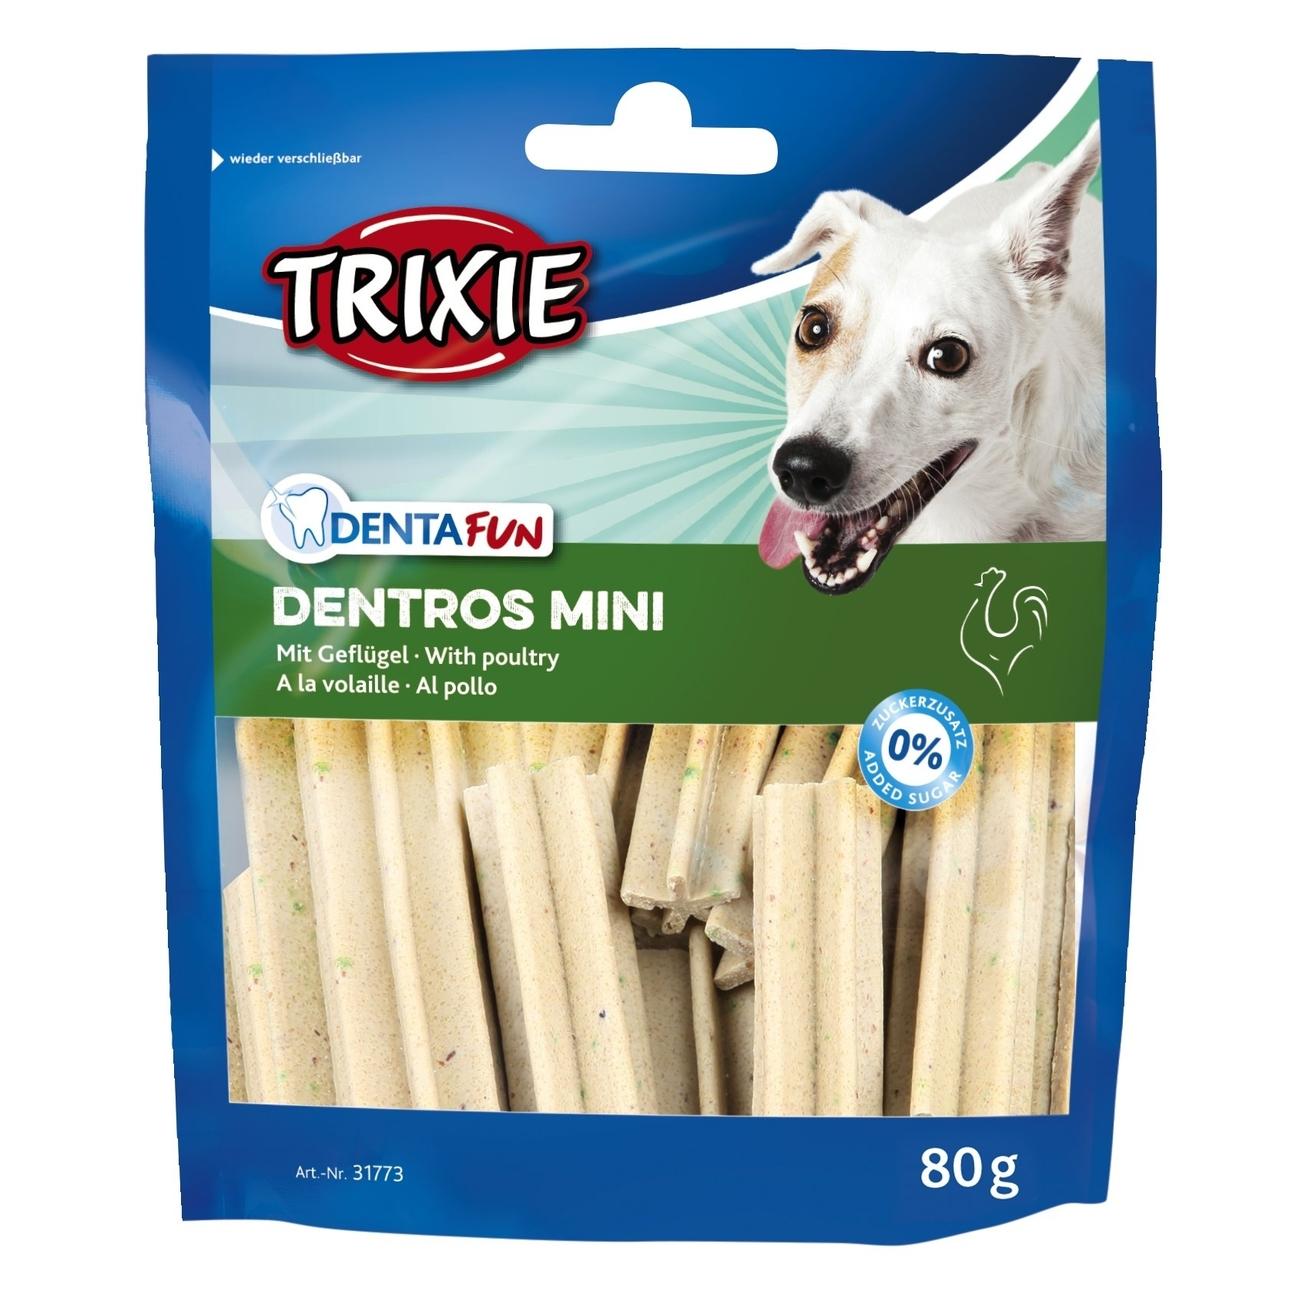 Trixie Dentros Mini Zahnpflege Kaustangen 31773